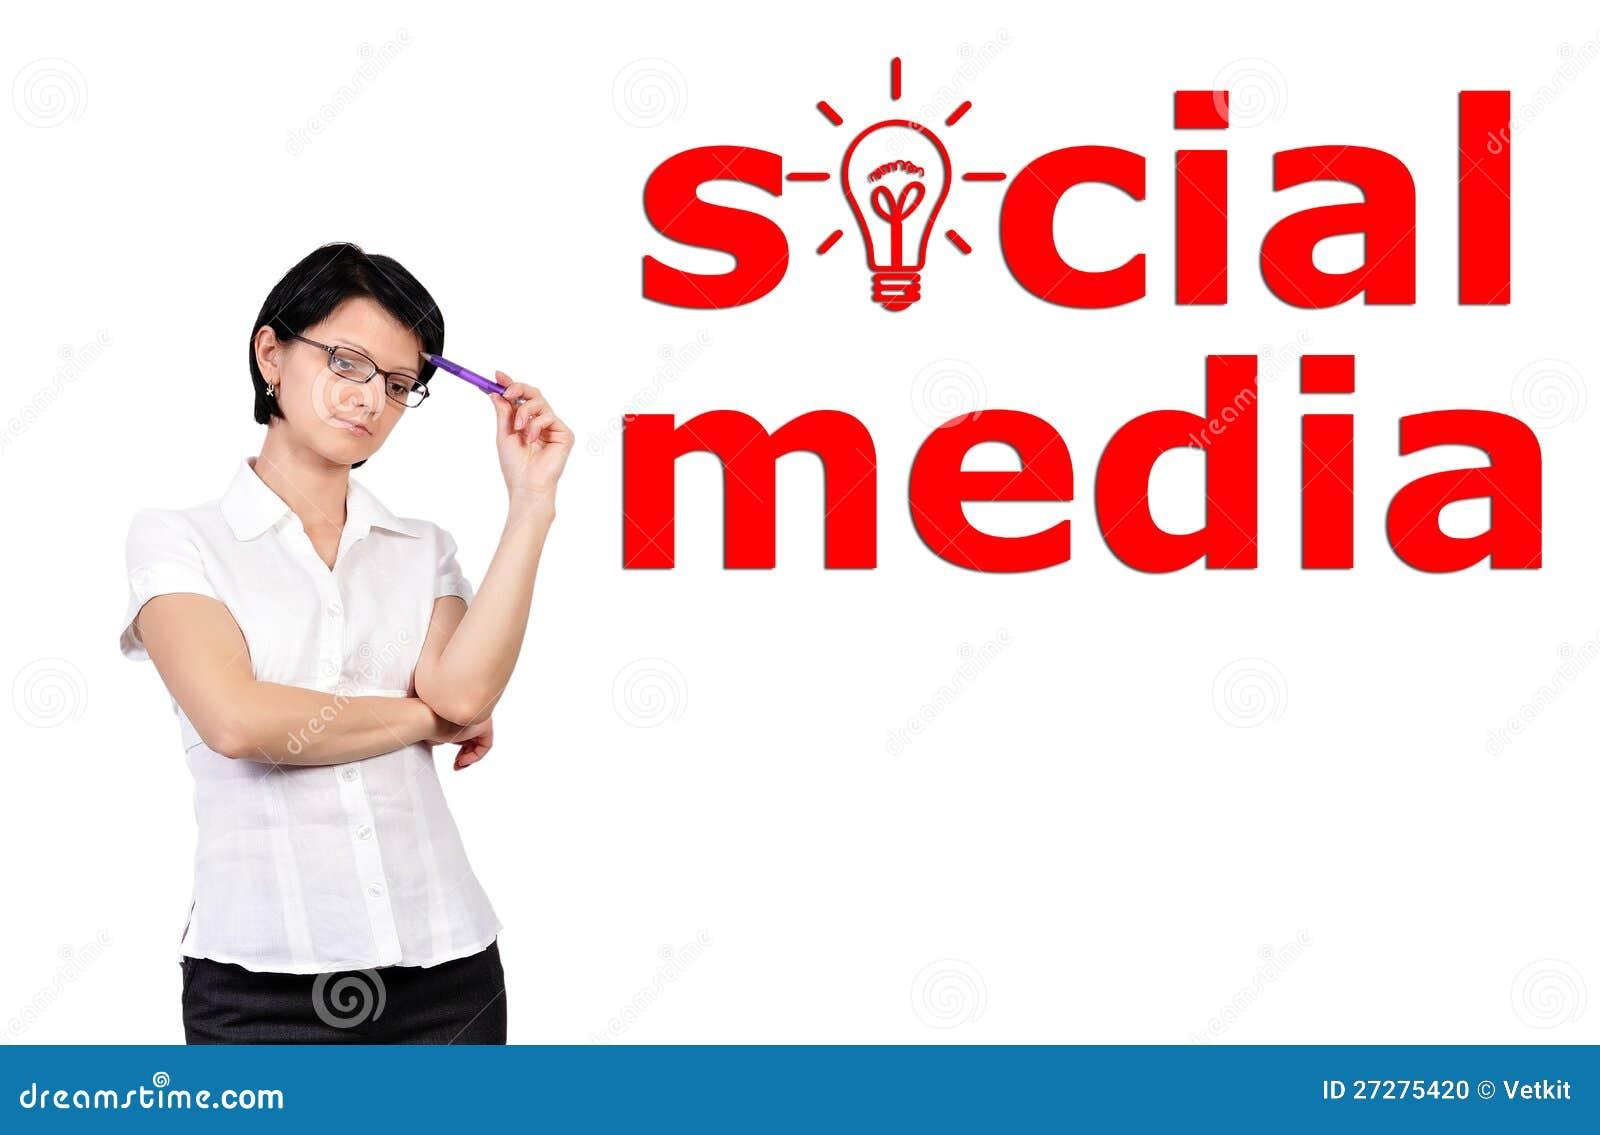 Socialt medelbegrepp